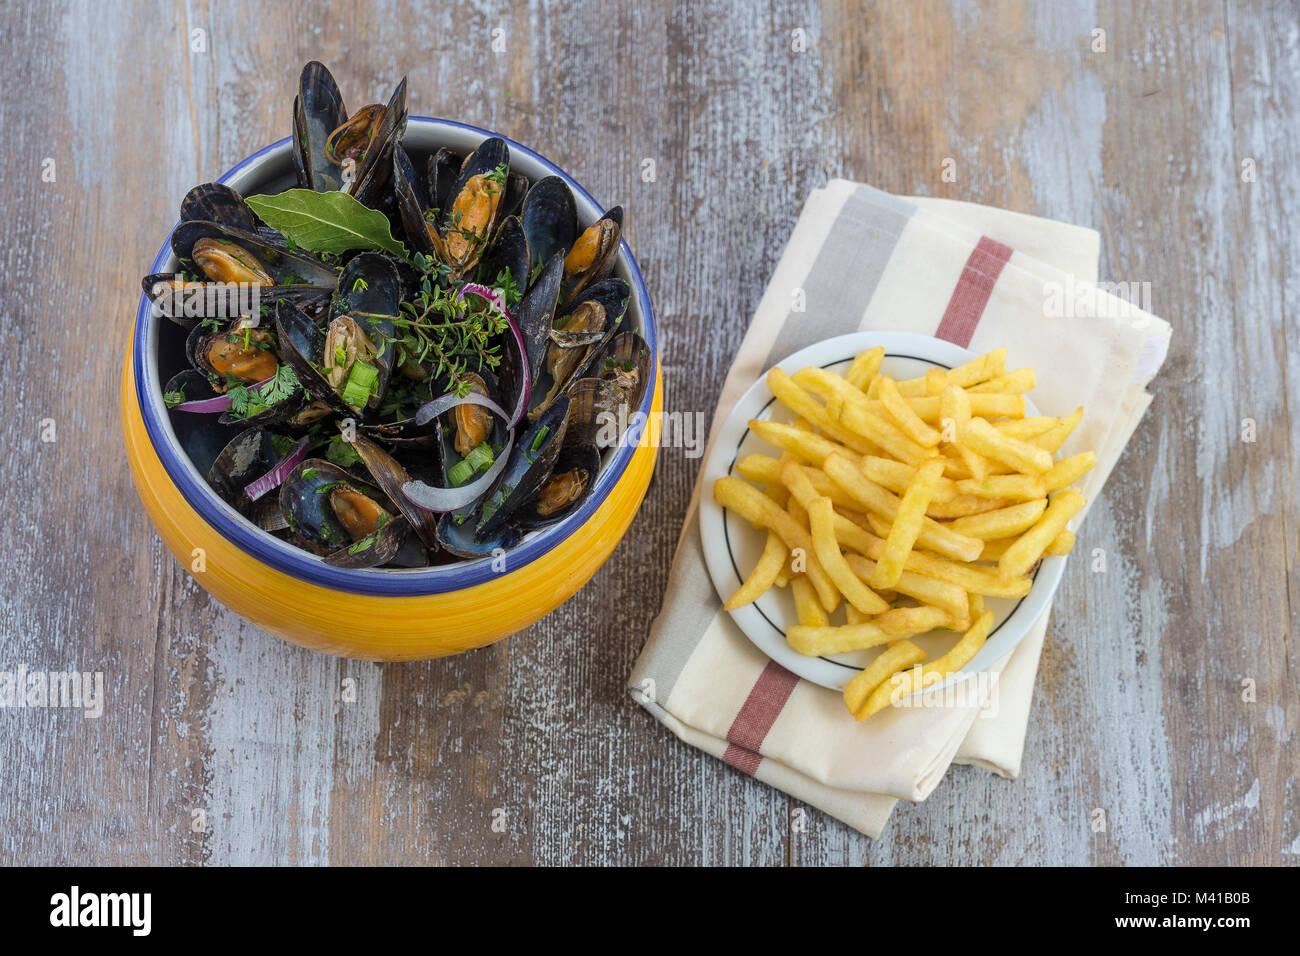 Moule bleue française avec des herbes dans un bol jaune avec frites ramequin verre serviette sur des fruits Photo Stock